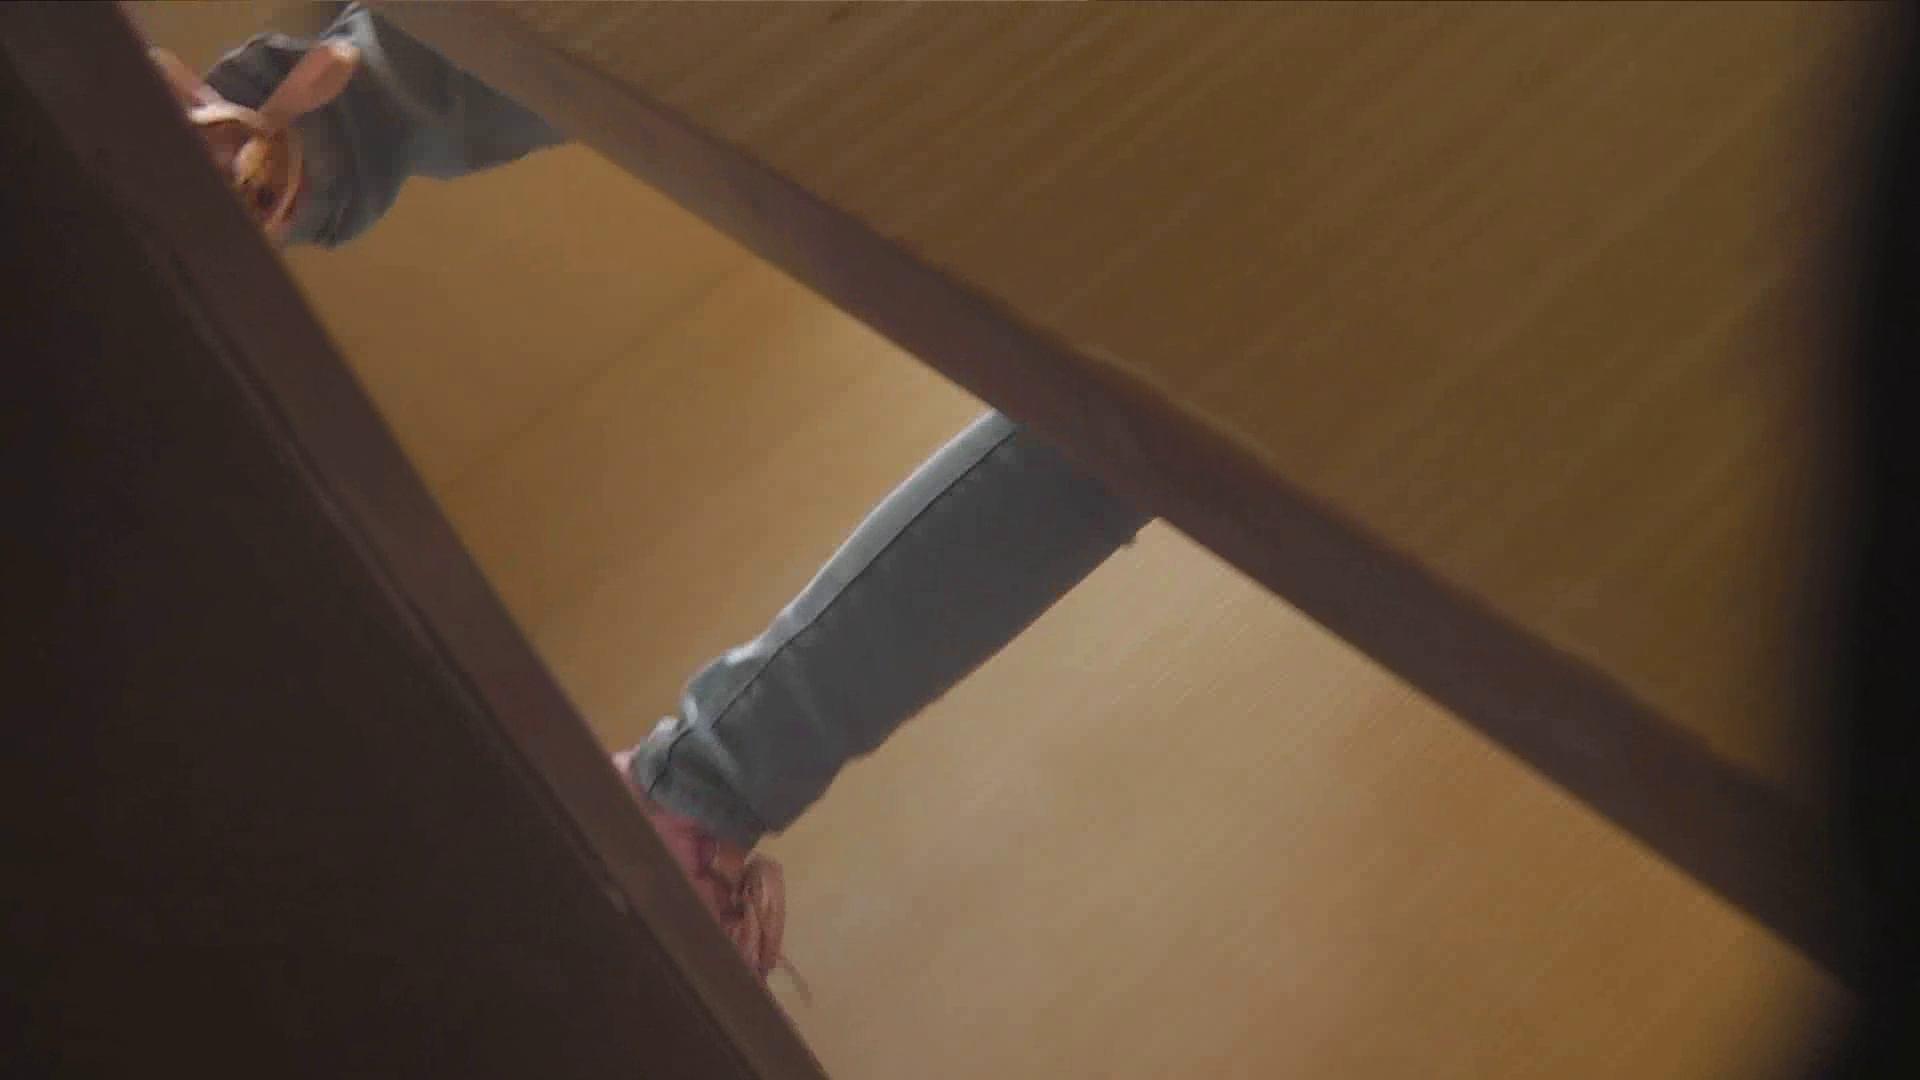 阿国ちゃんの「和式洋式七変化」No.18 iBO(フタコブ) 洗面所シーン すけべAV動画紹介 98画像 53